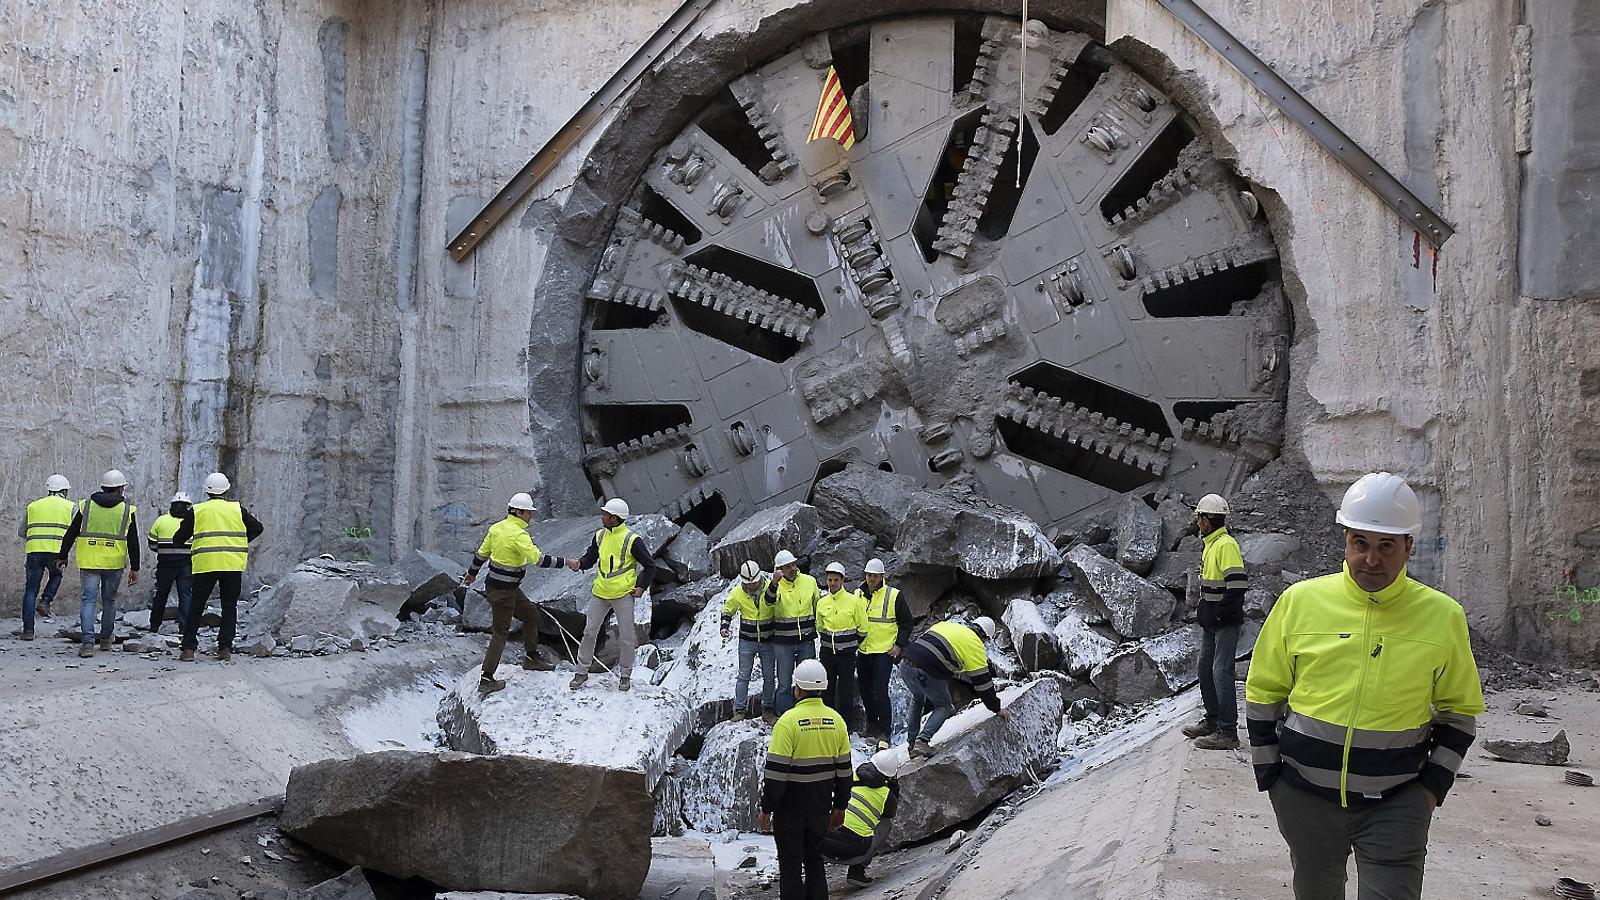 La tuneladora d'Adif acabant la perforació del nou accés ferroviari a la T1 de l'aeroport del Prat aquesta setmana.